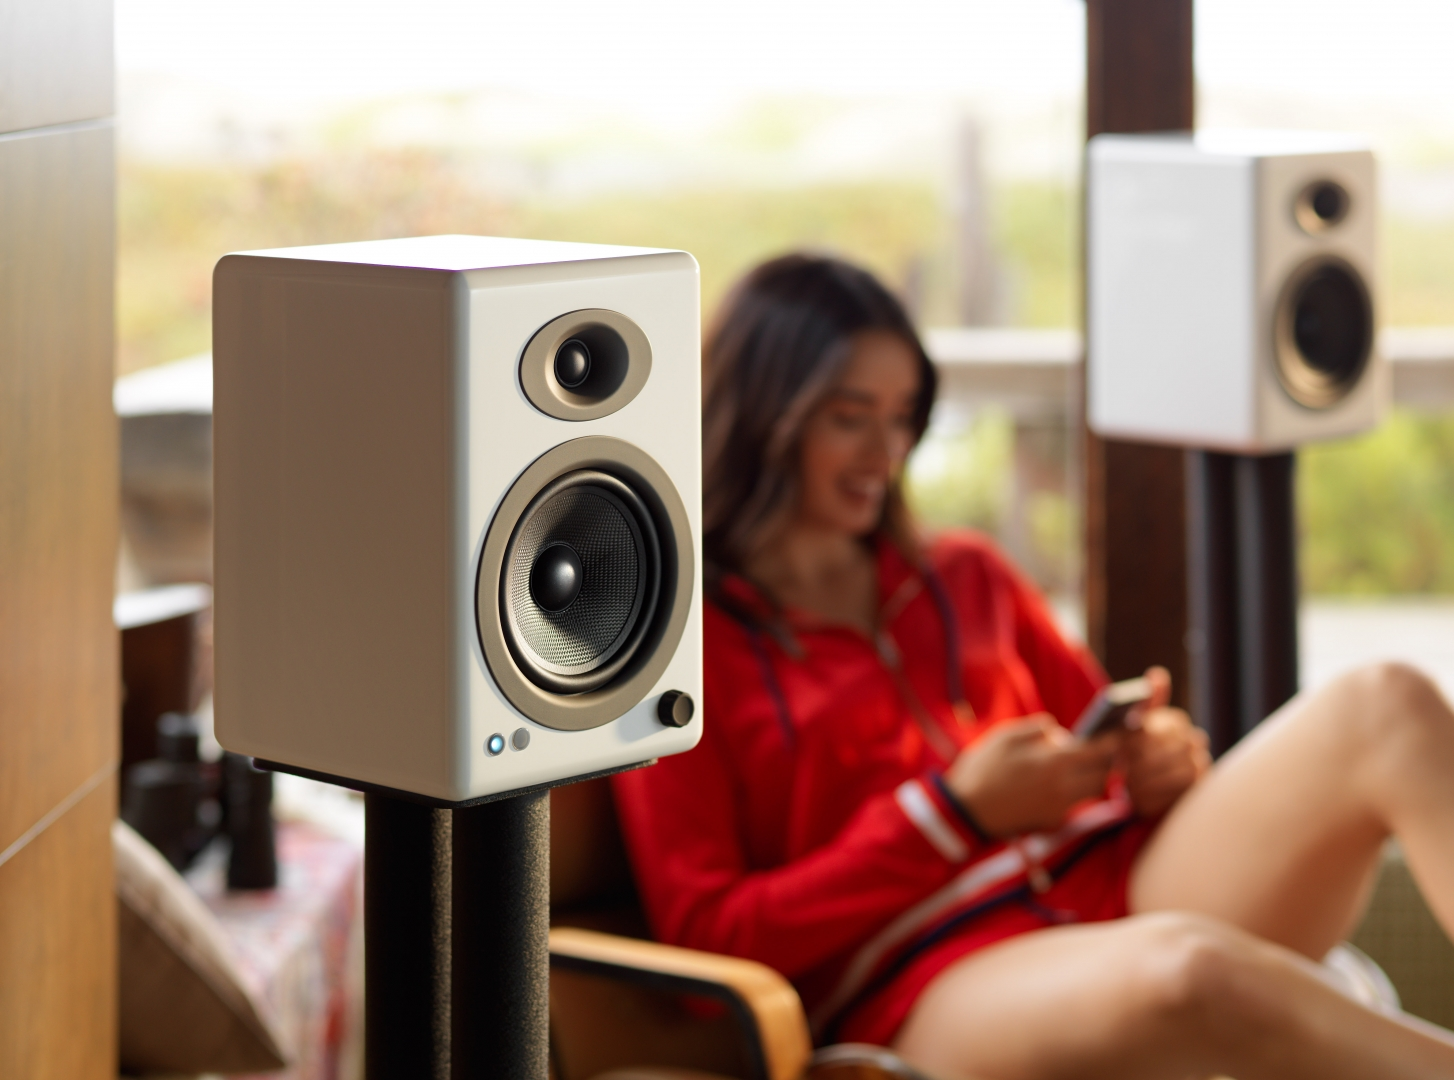 Loa Audioengine A5+ Wireless